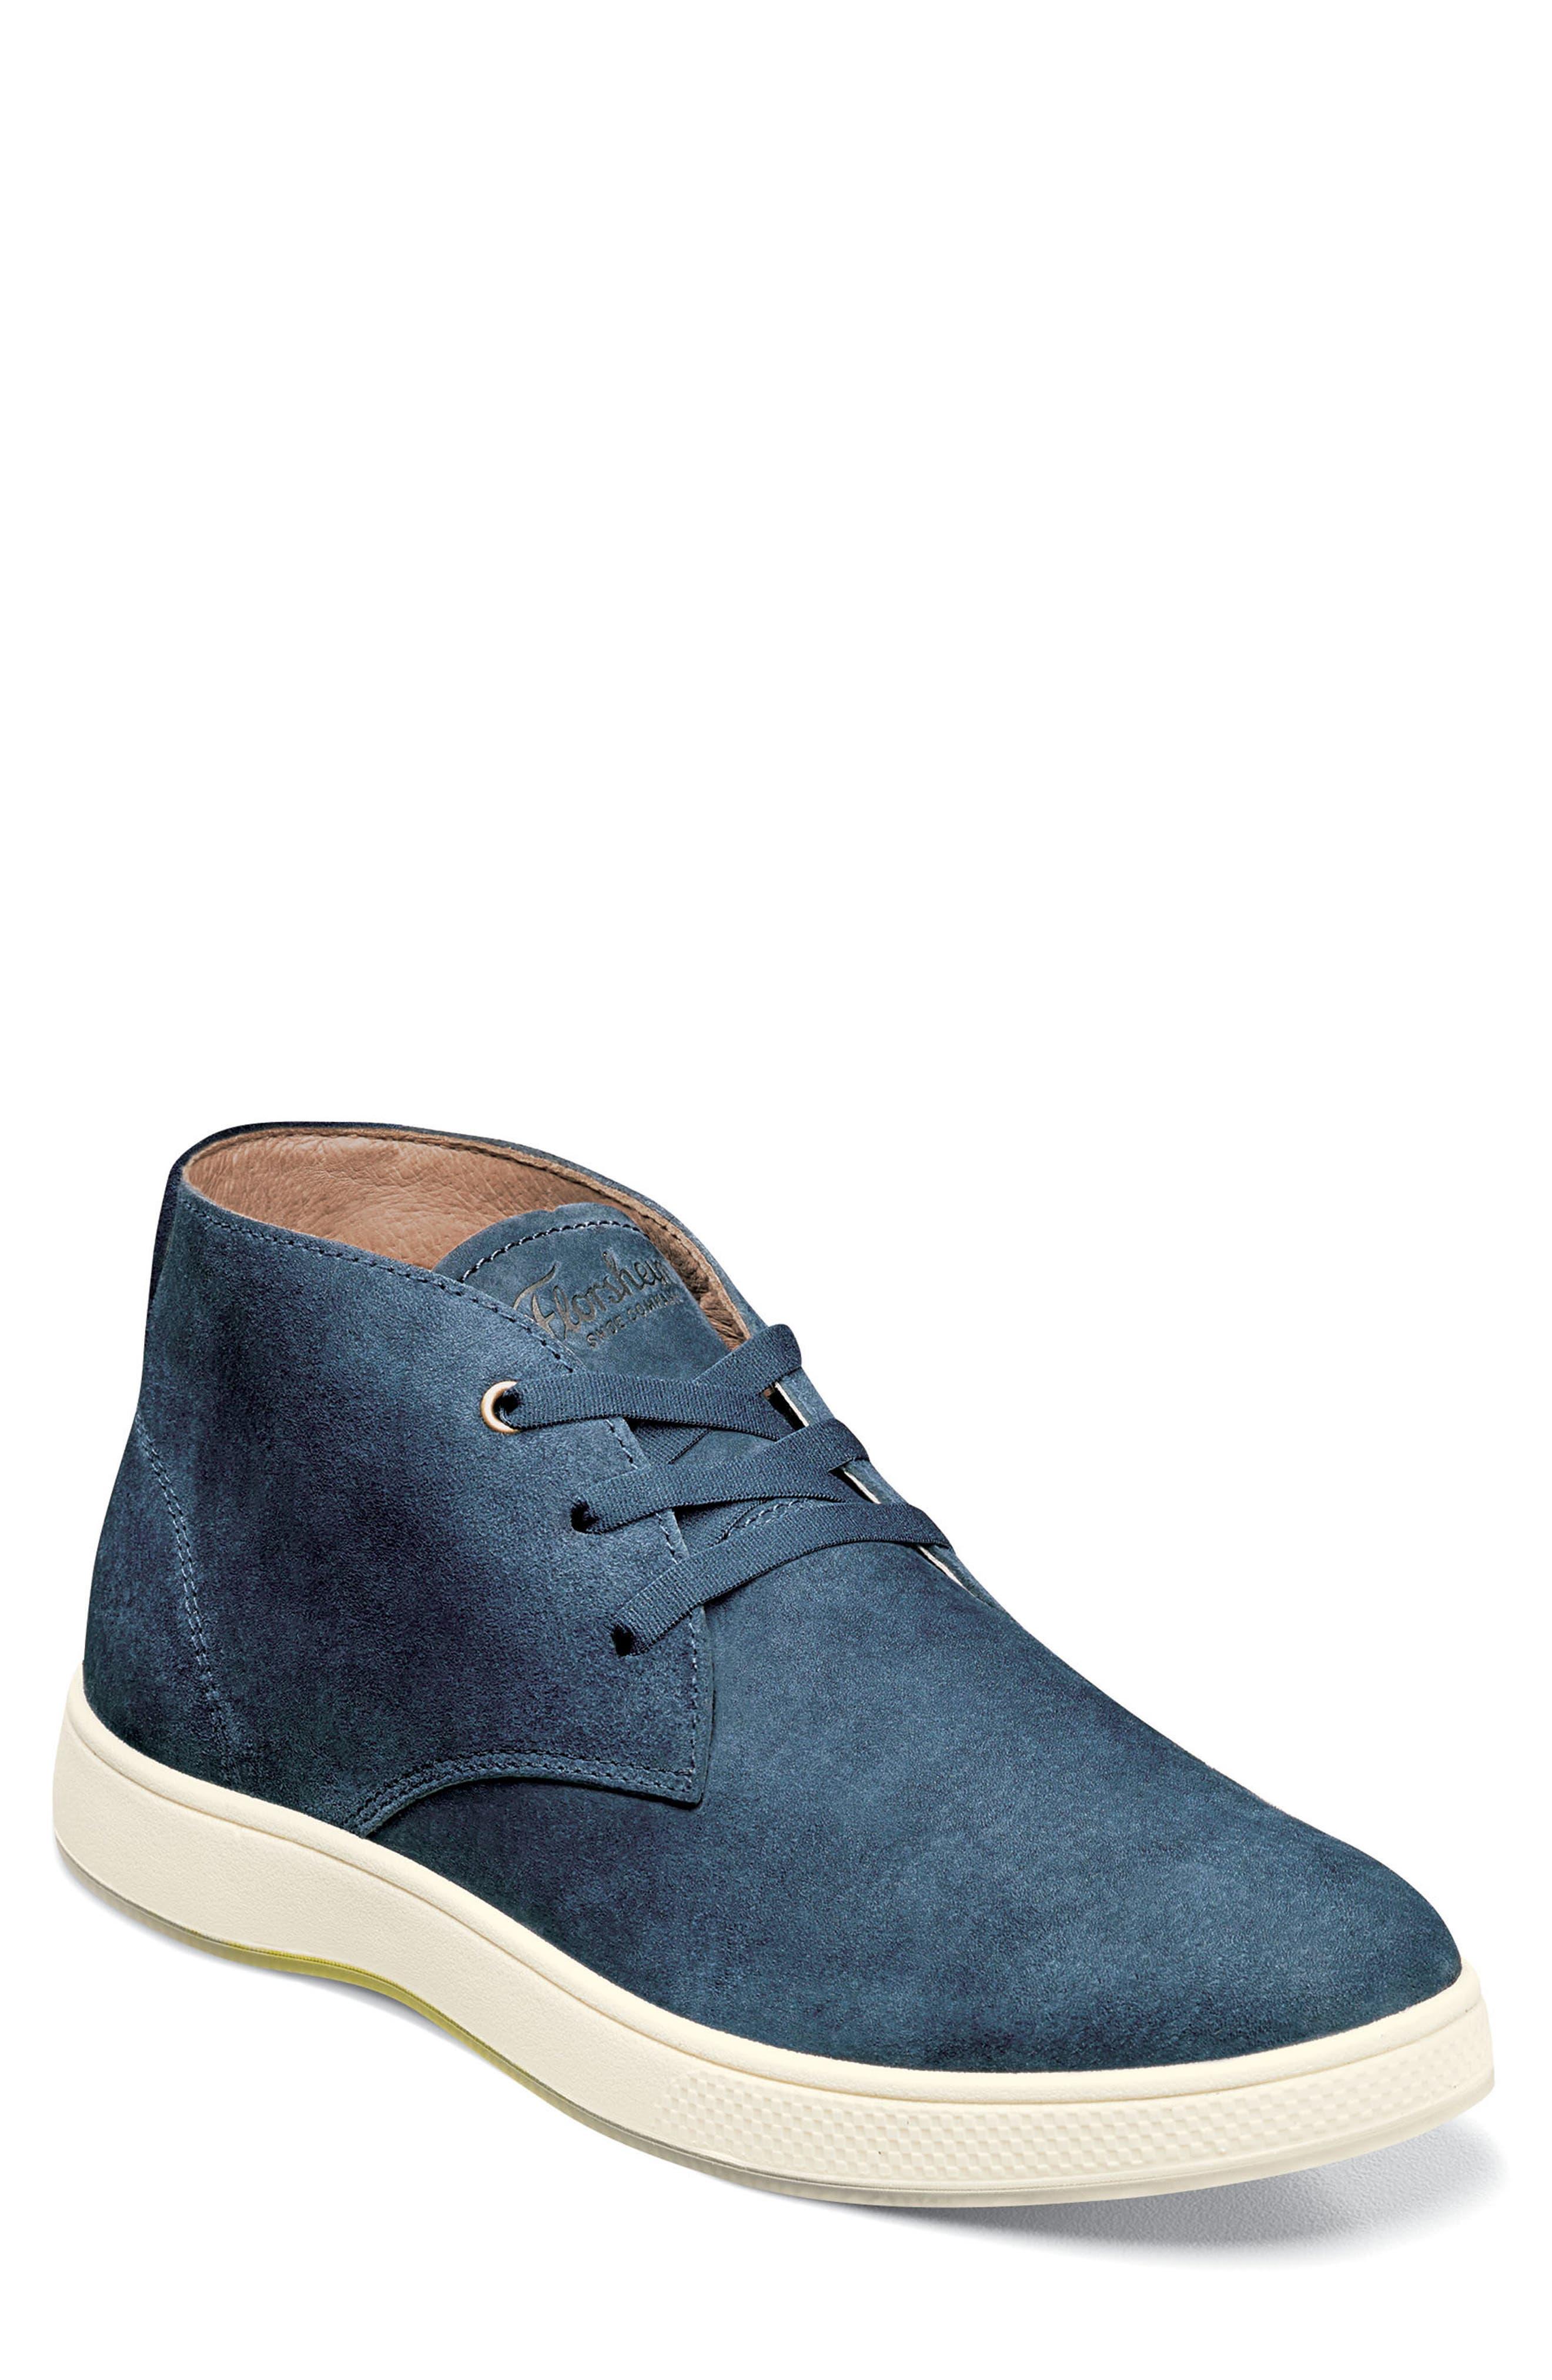 Florsheim Edge Chukka Boot - Blue